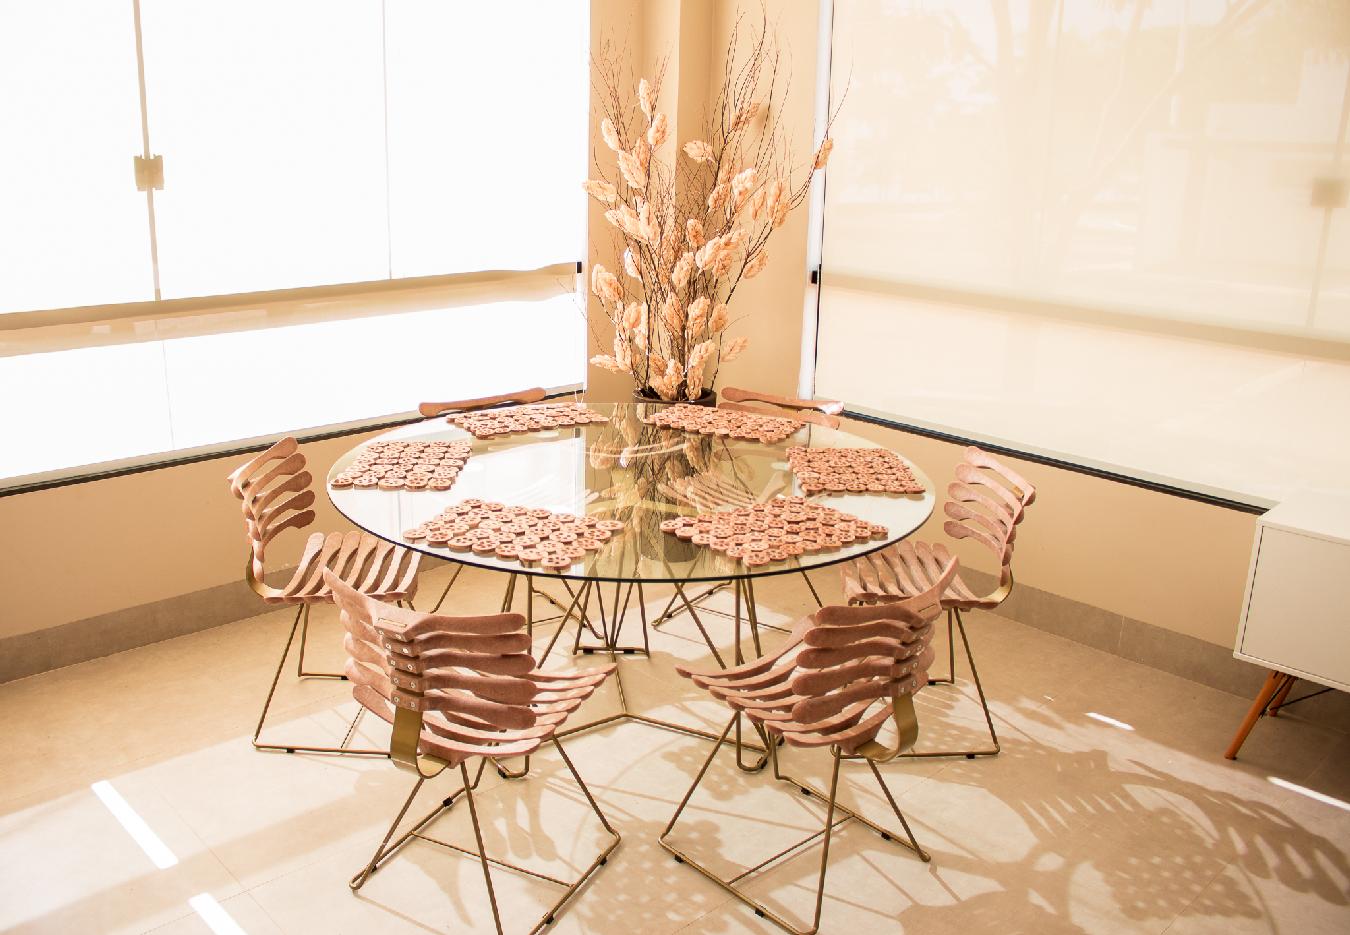 cadeira-esqueleto-mesa-esqueleto-design-